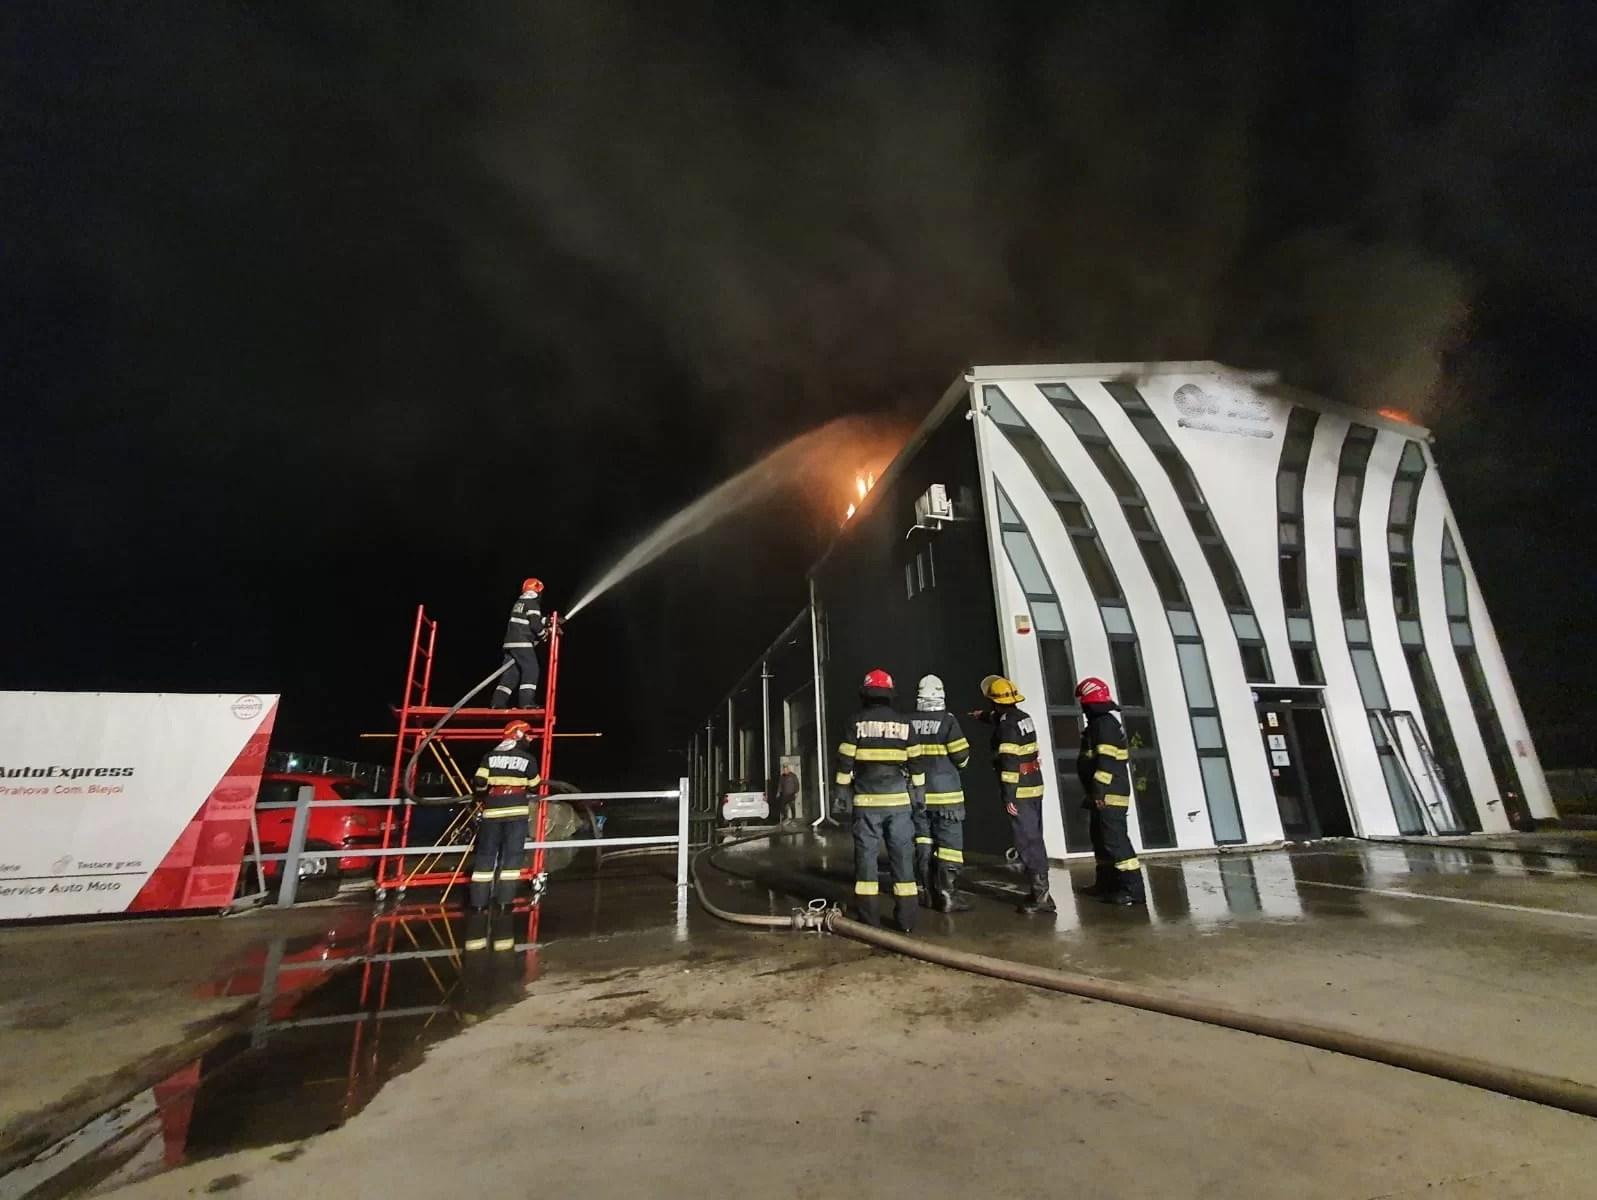 Azi noapte, incendiu la un service auto din vecinătatea Ploieștiului